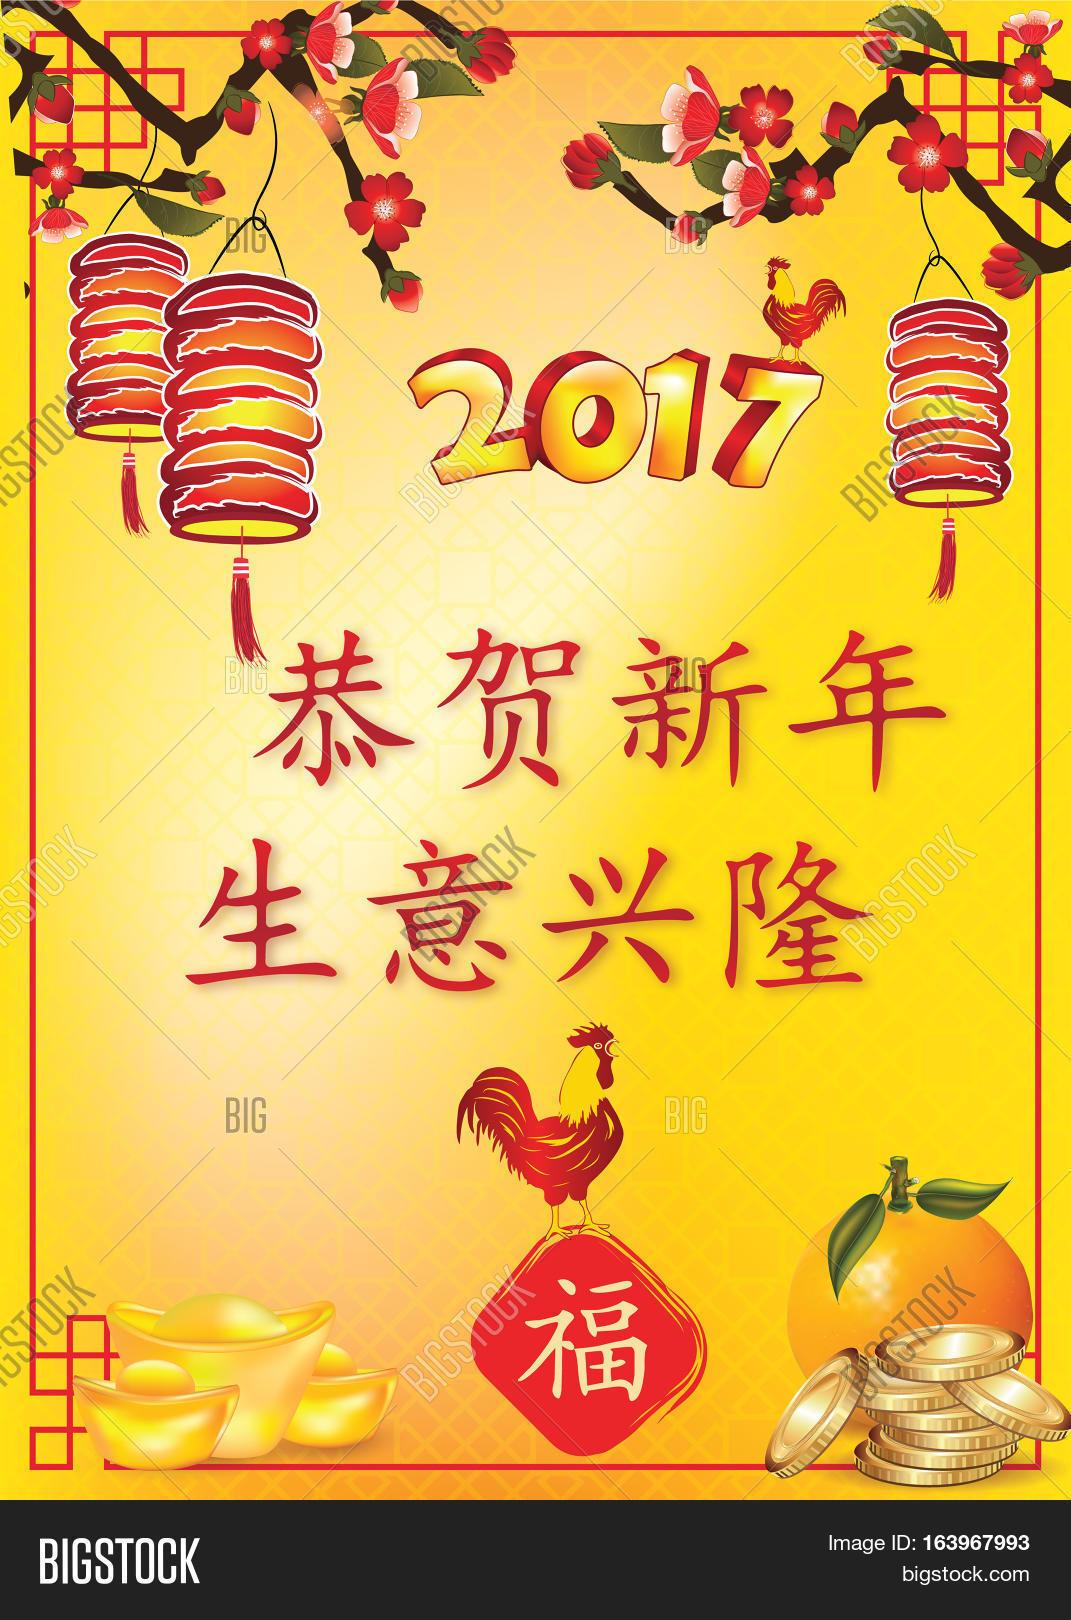 Doc400259 Good Luck Cards to Print Printable Good Luck Cards – Good Luck Cards to Print